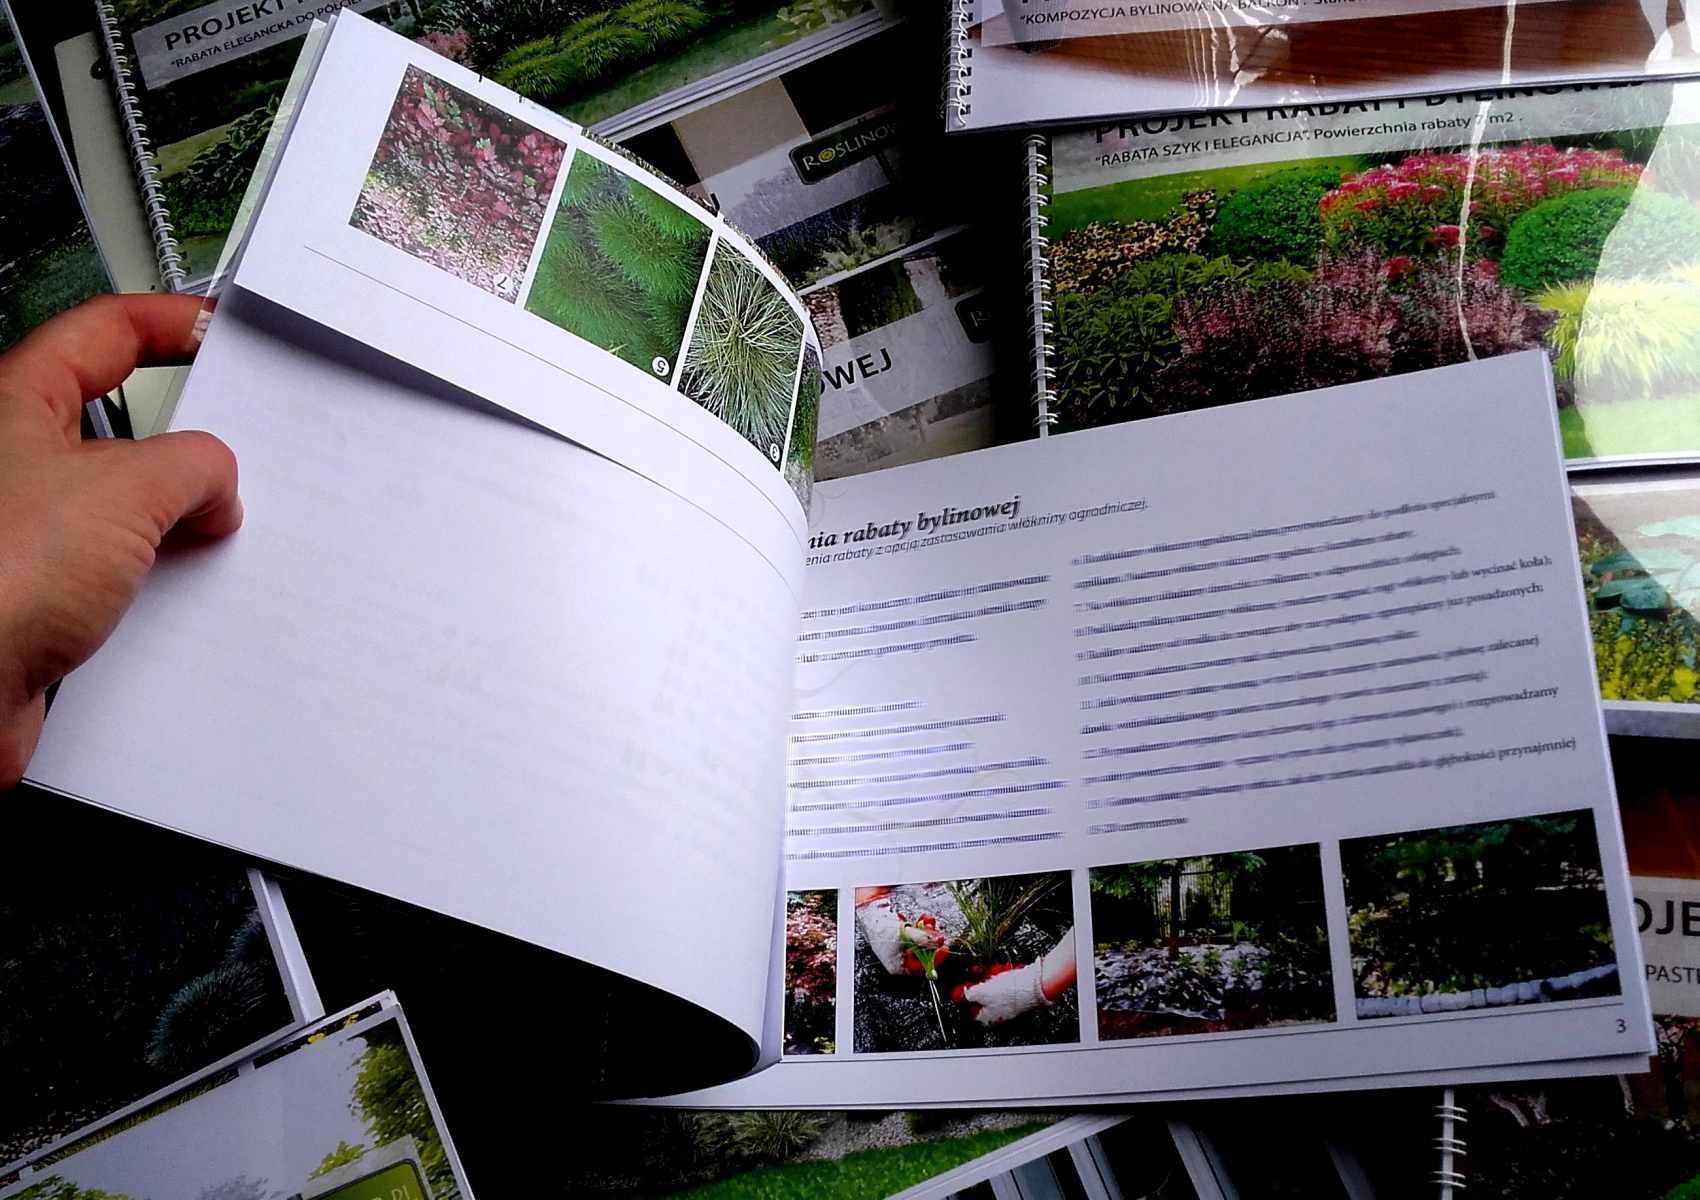 Instrukcja jak wykonać rabatę bylinową z użyciem włókniny ogrodniczej.